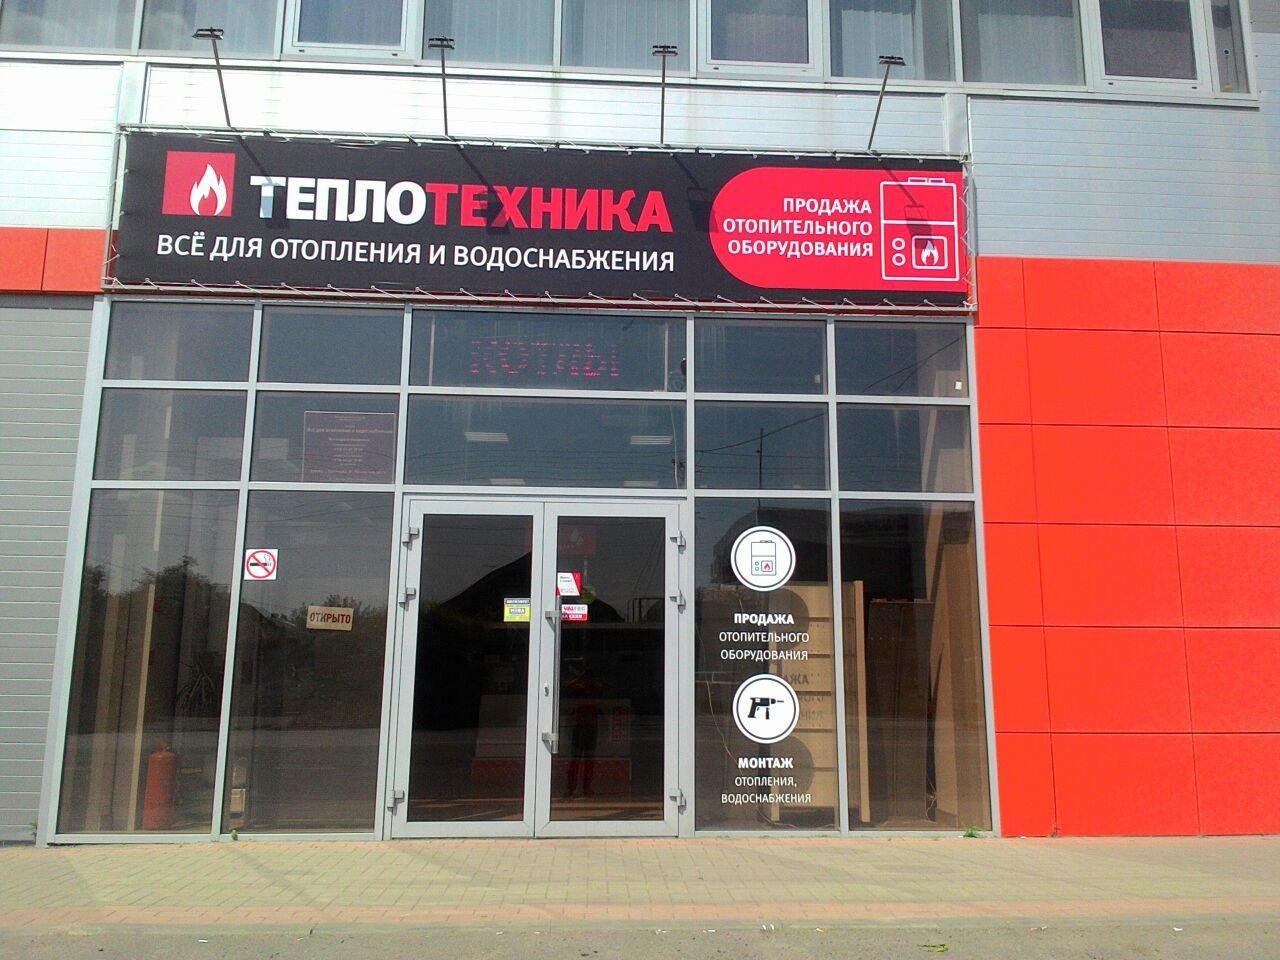 фотография Торгово-проектной компании Теплотехника в Прикубанском округе